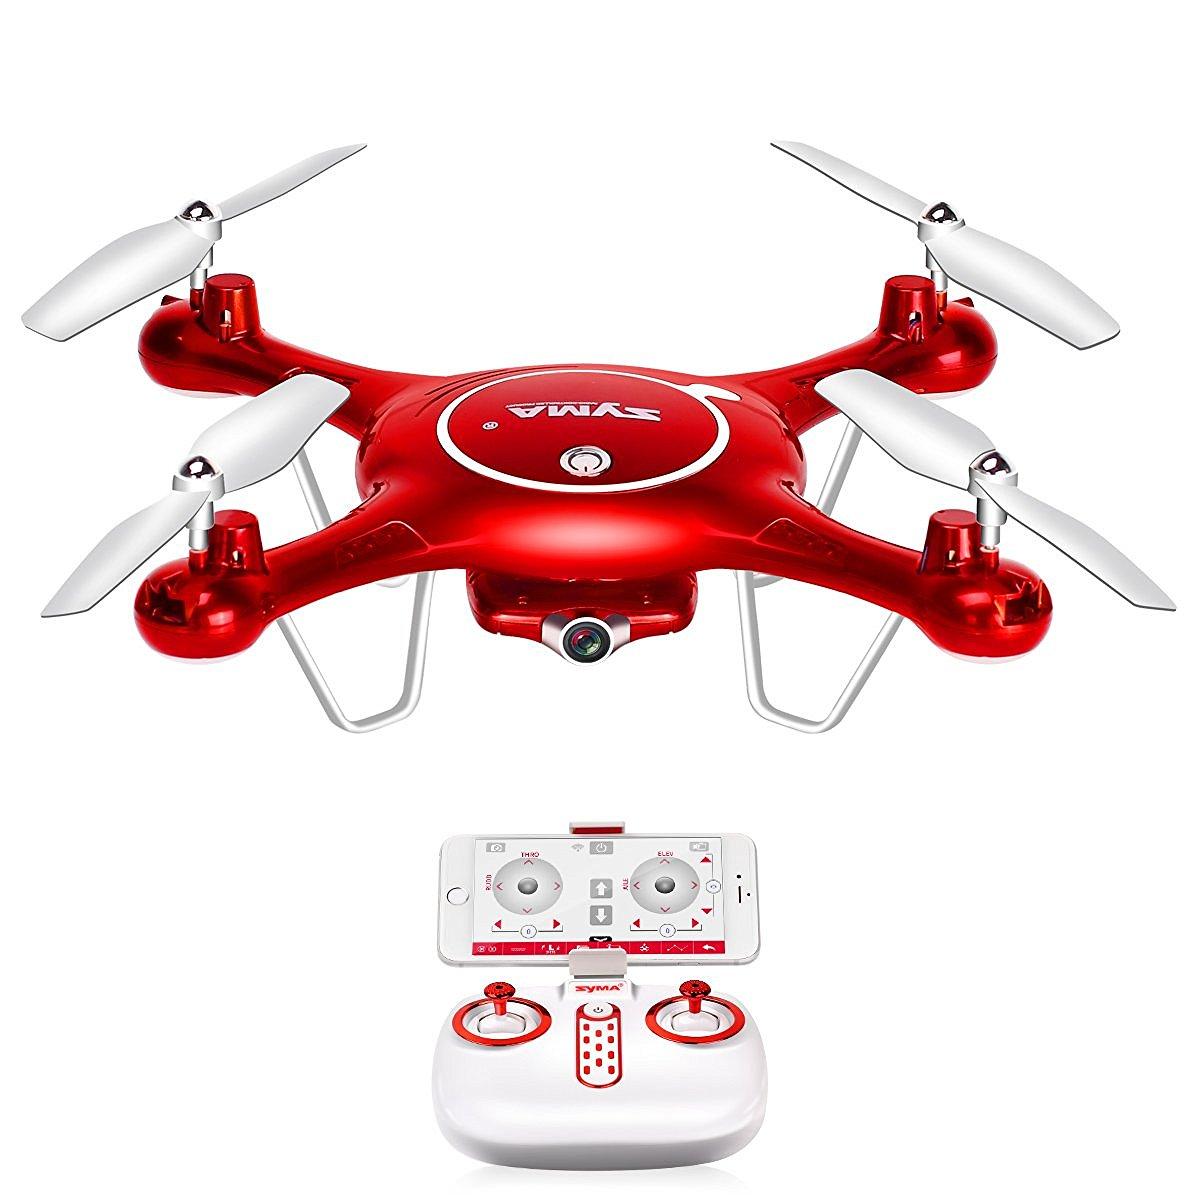 โดรนติดกล้อง SYMA X5UW 720P WIFI โดรนบังคับ เครื่องบินบังคับ รุ่น X5UW (สีแดง)